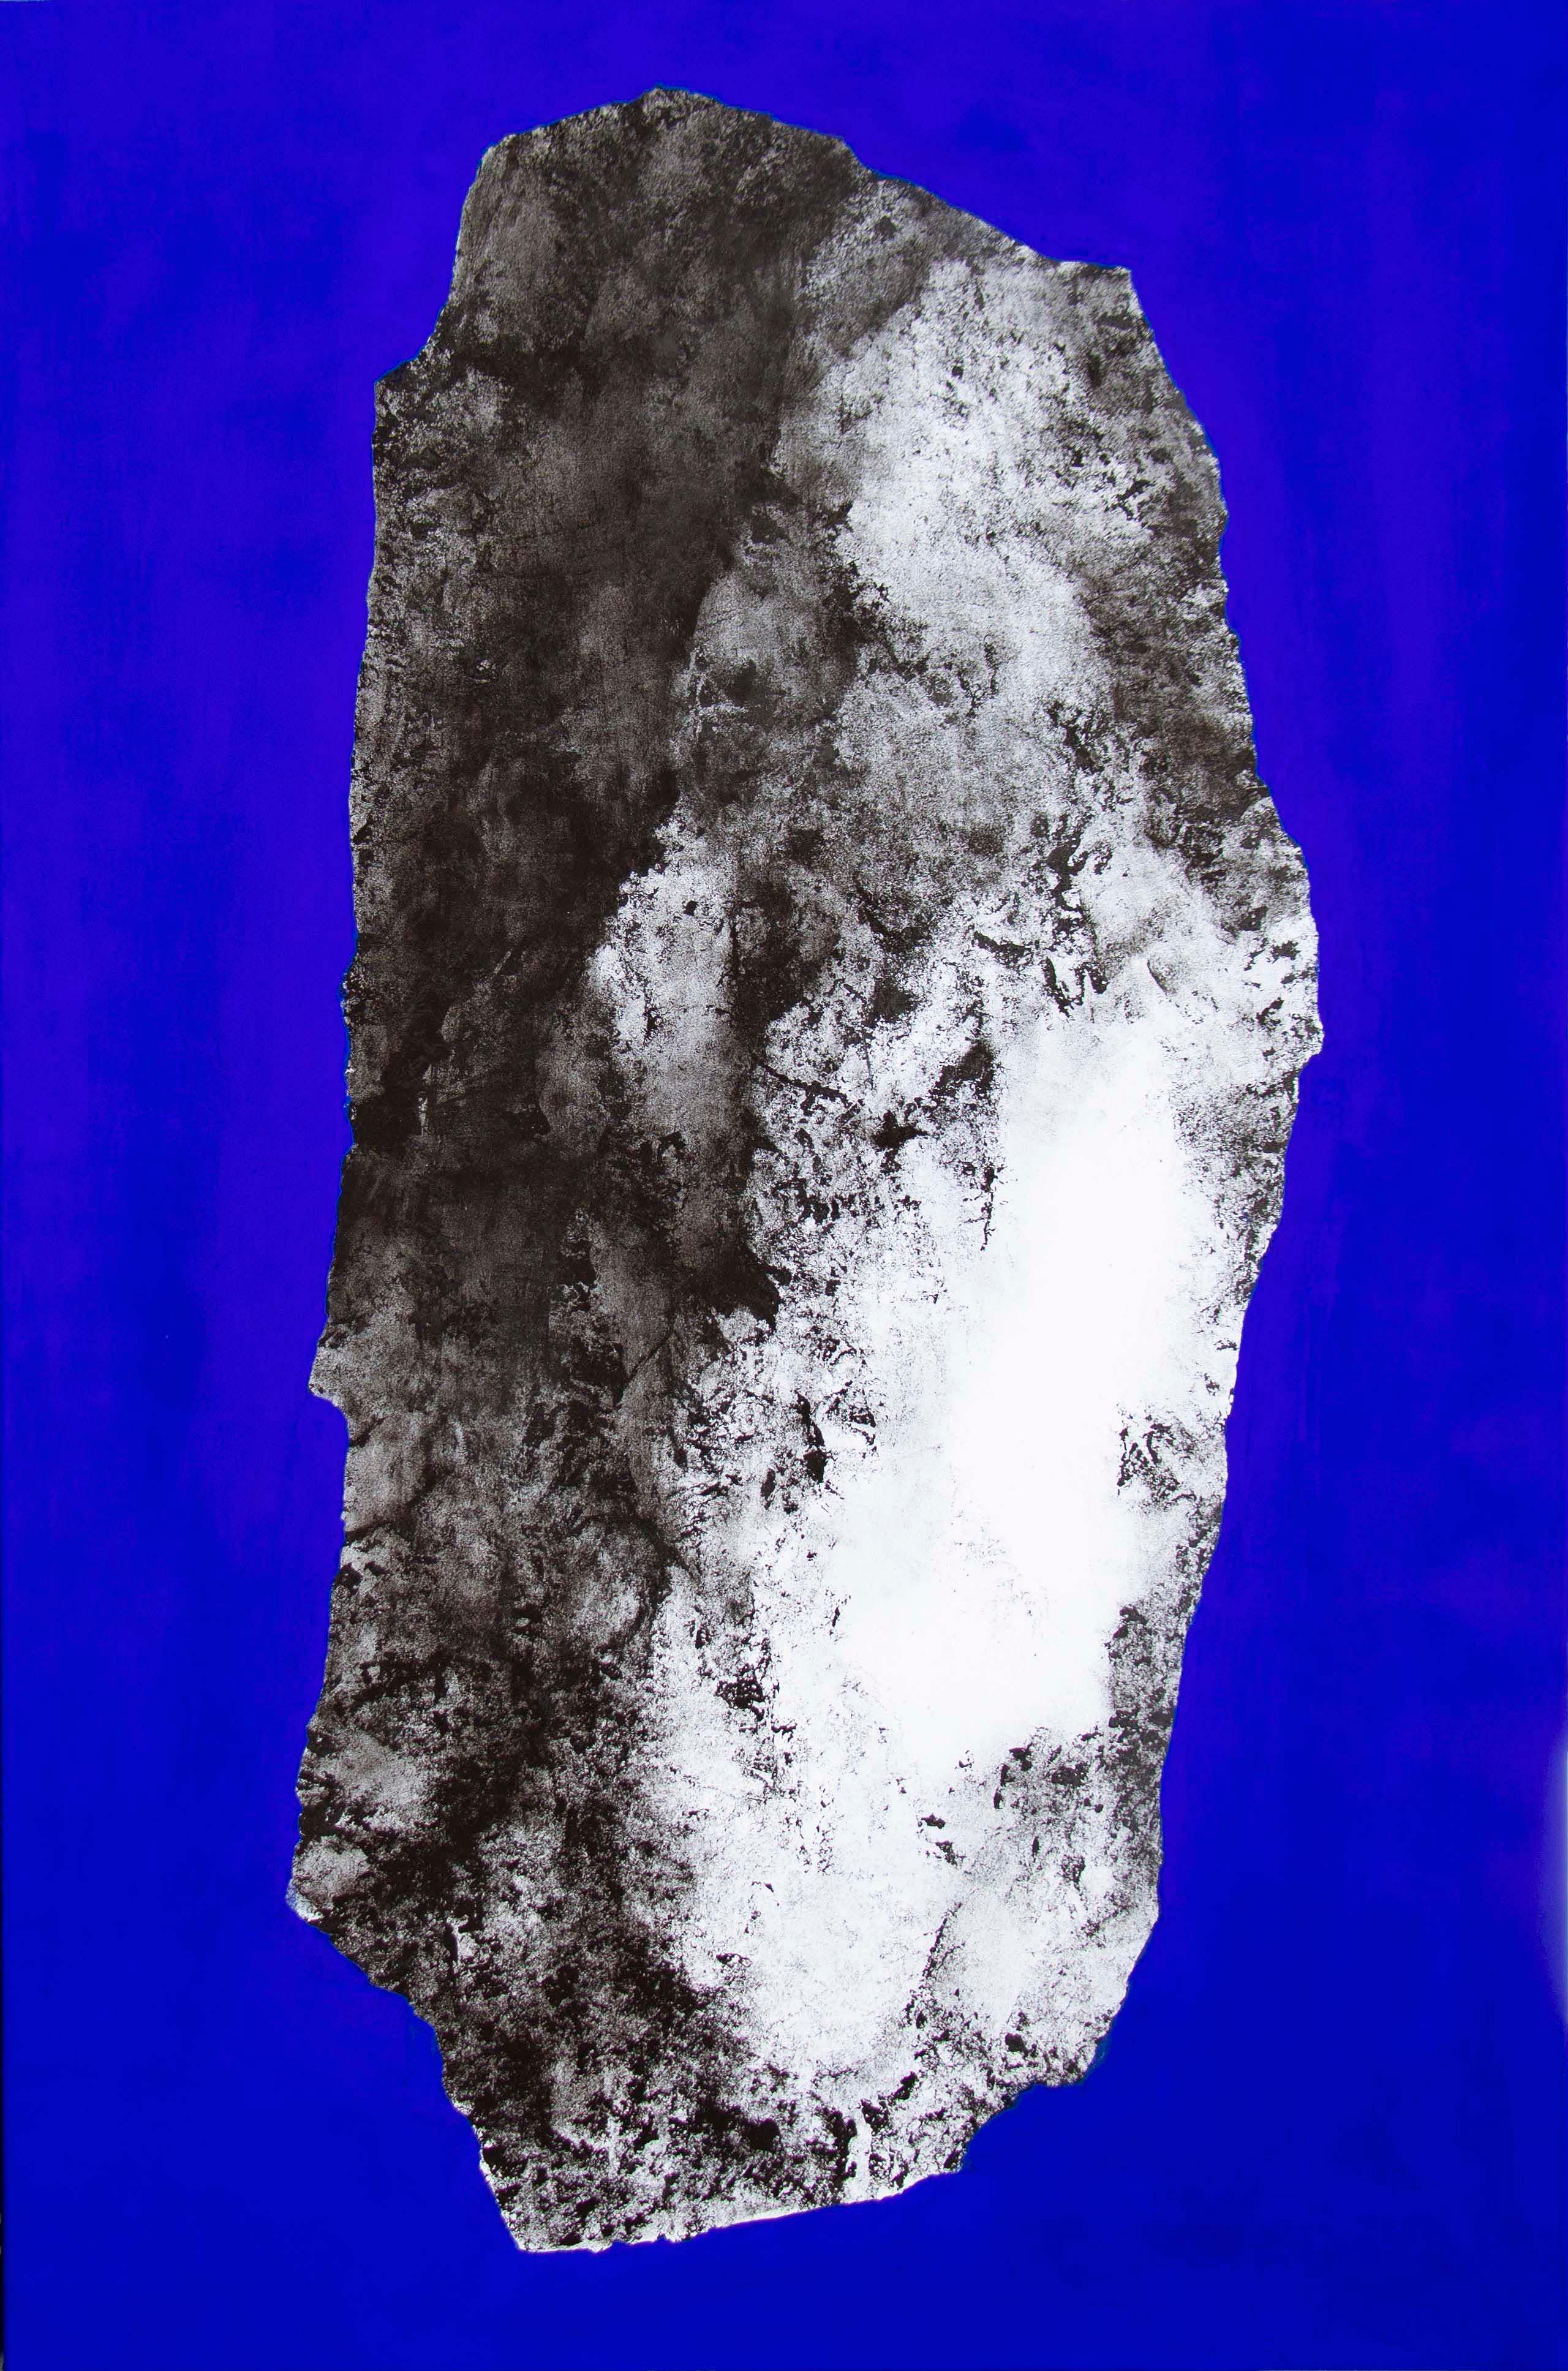 Bleu - Pierre VI